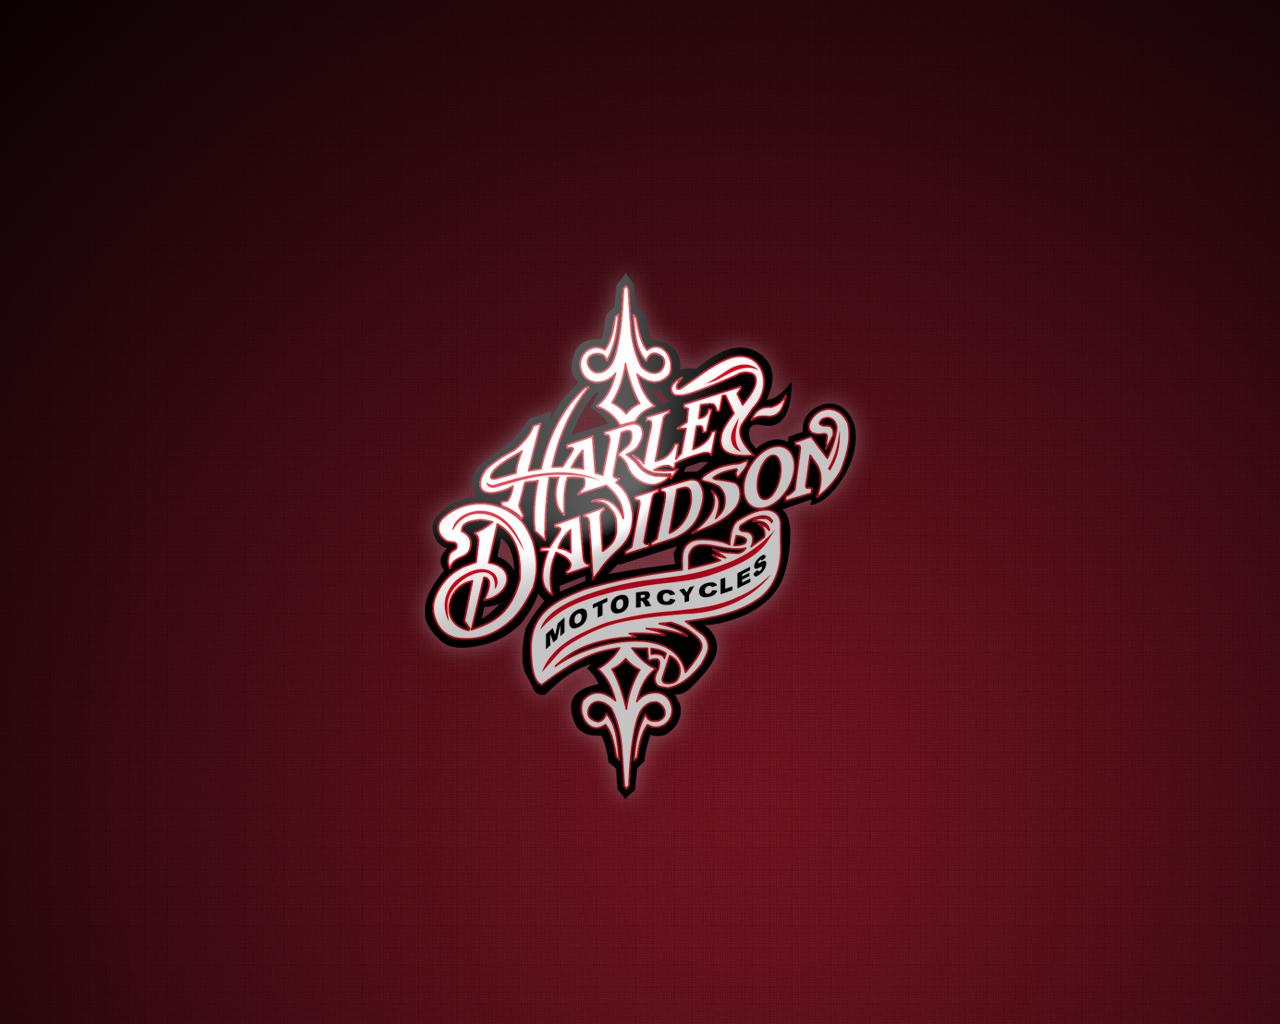 Pink Harley Davidson Logos Motorcycle